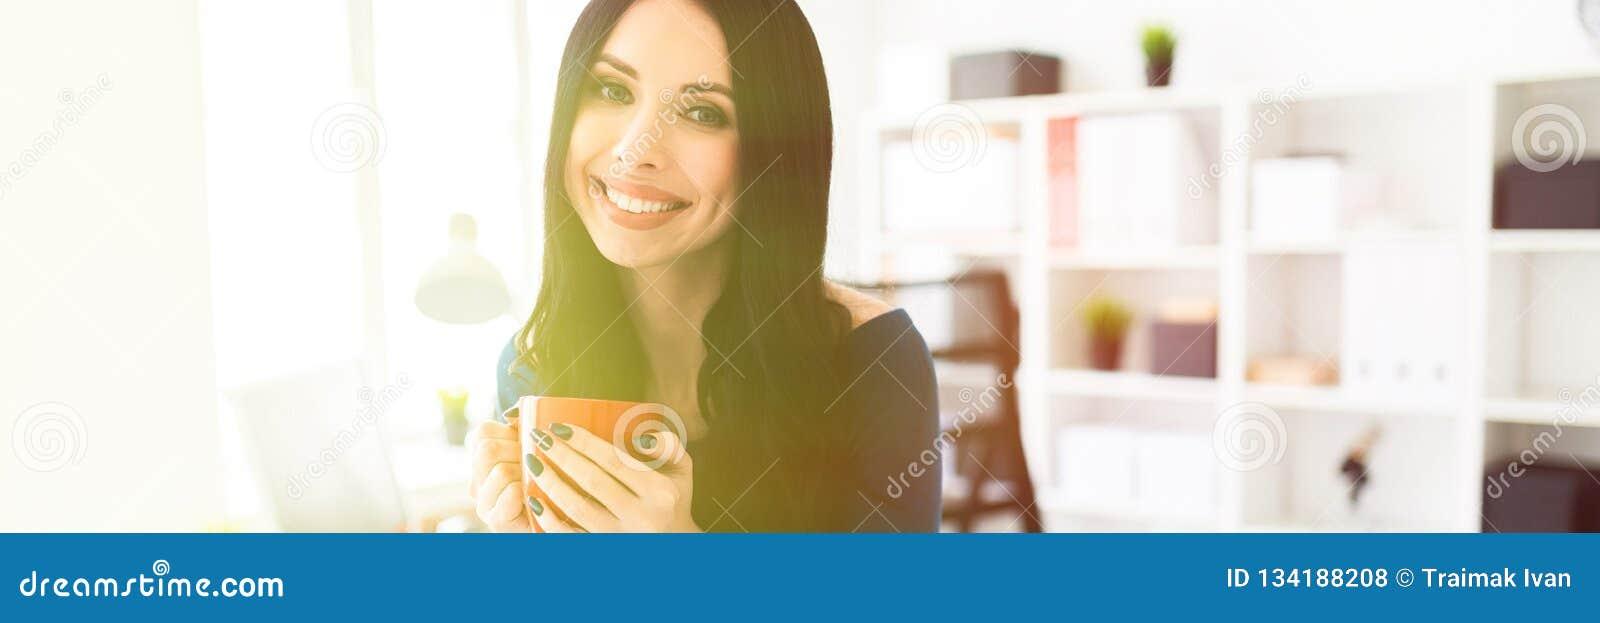 Una chica joven en la oficina sentada abajo en la tabla y sostenía una taza roja en sus manos